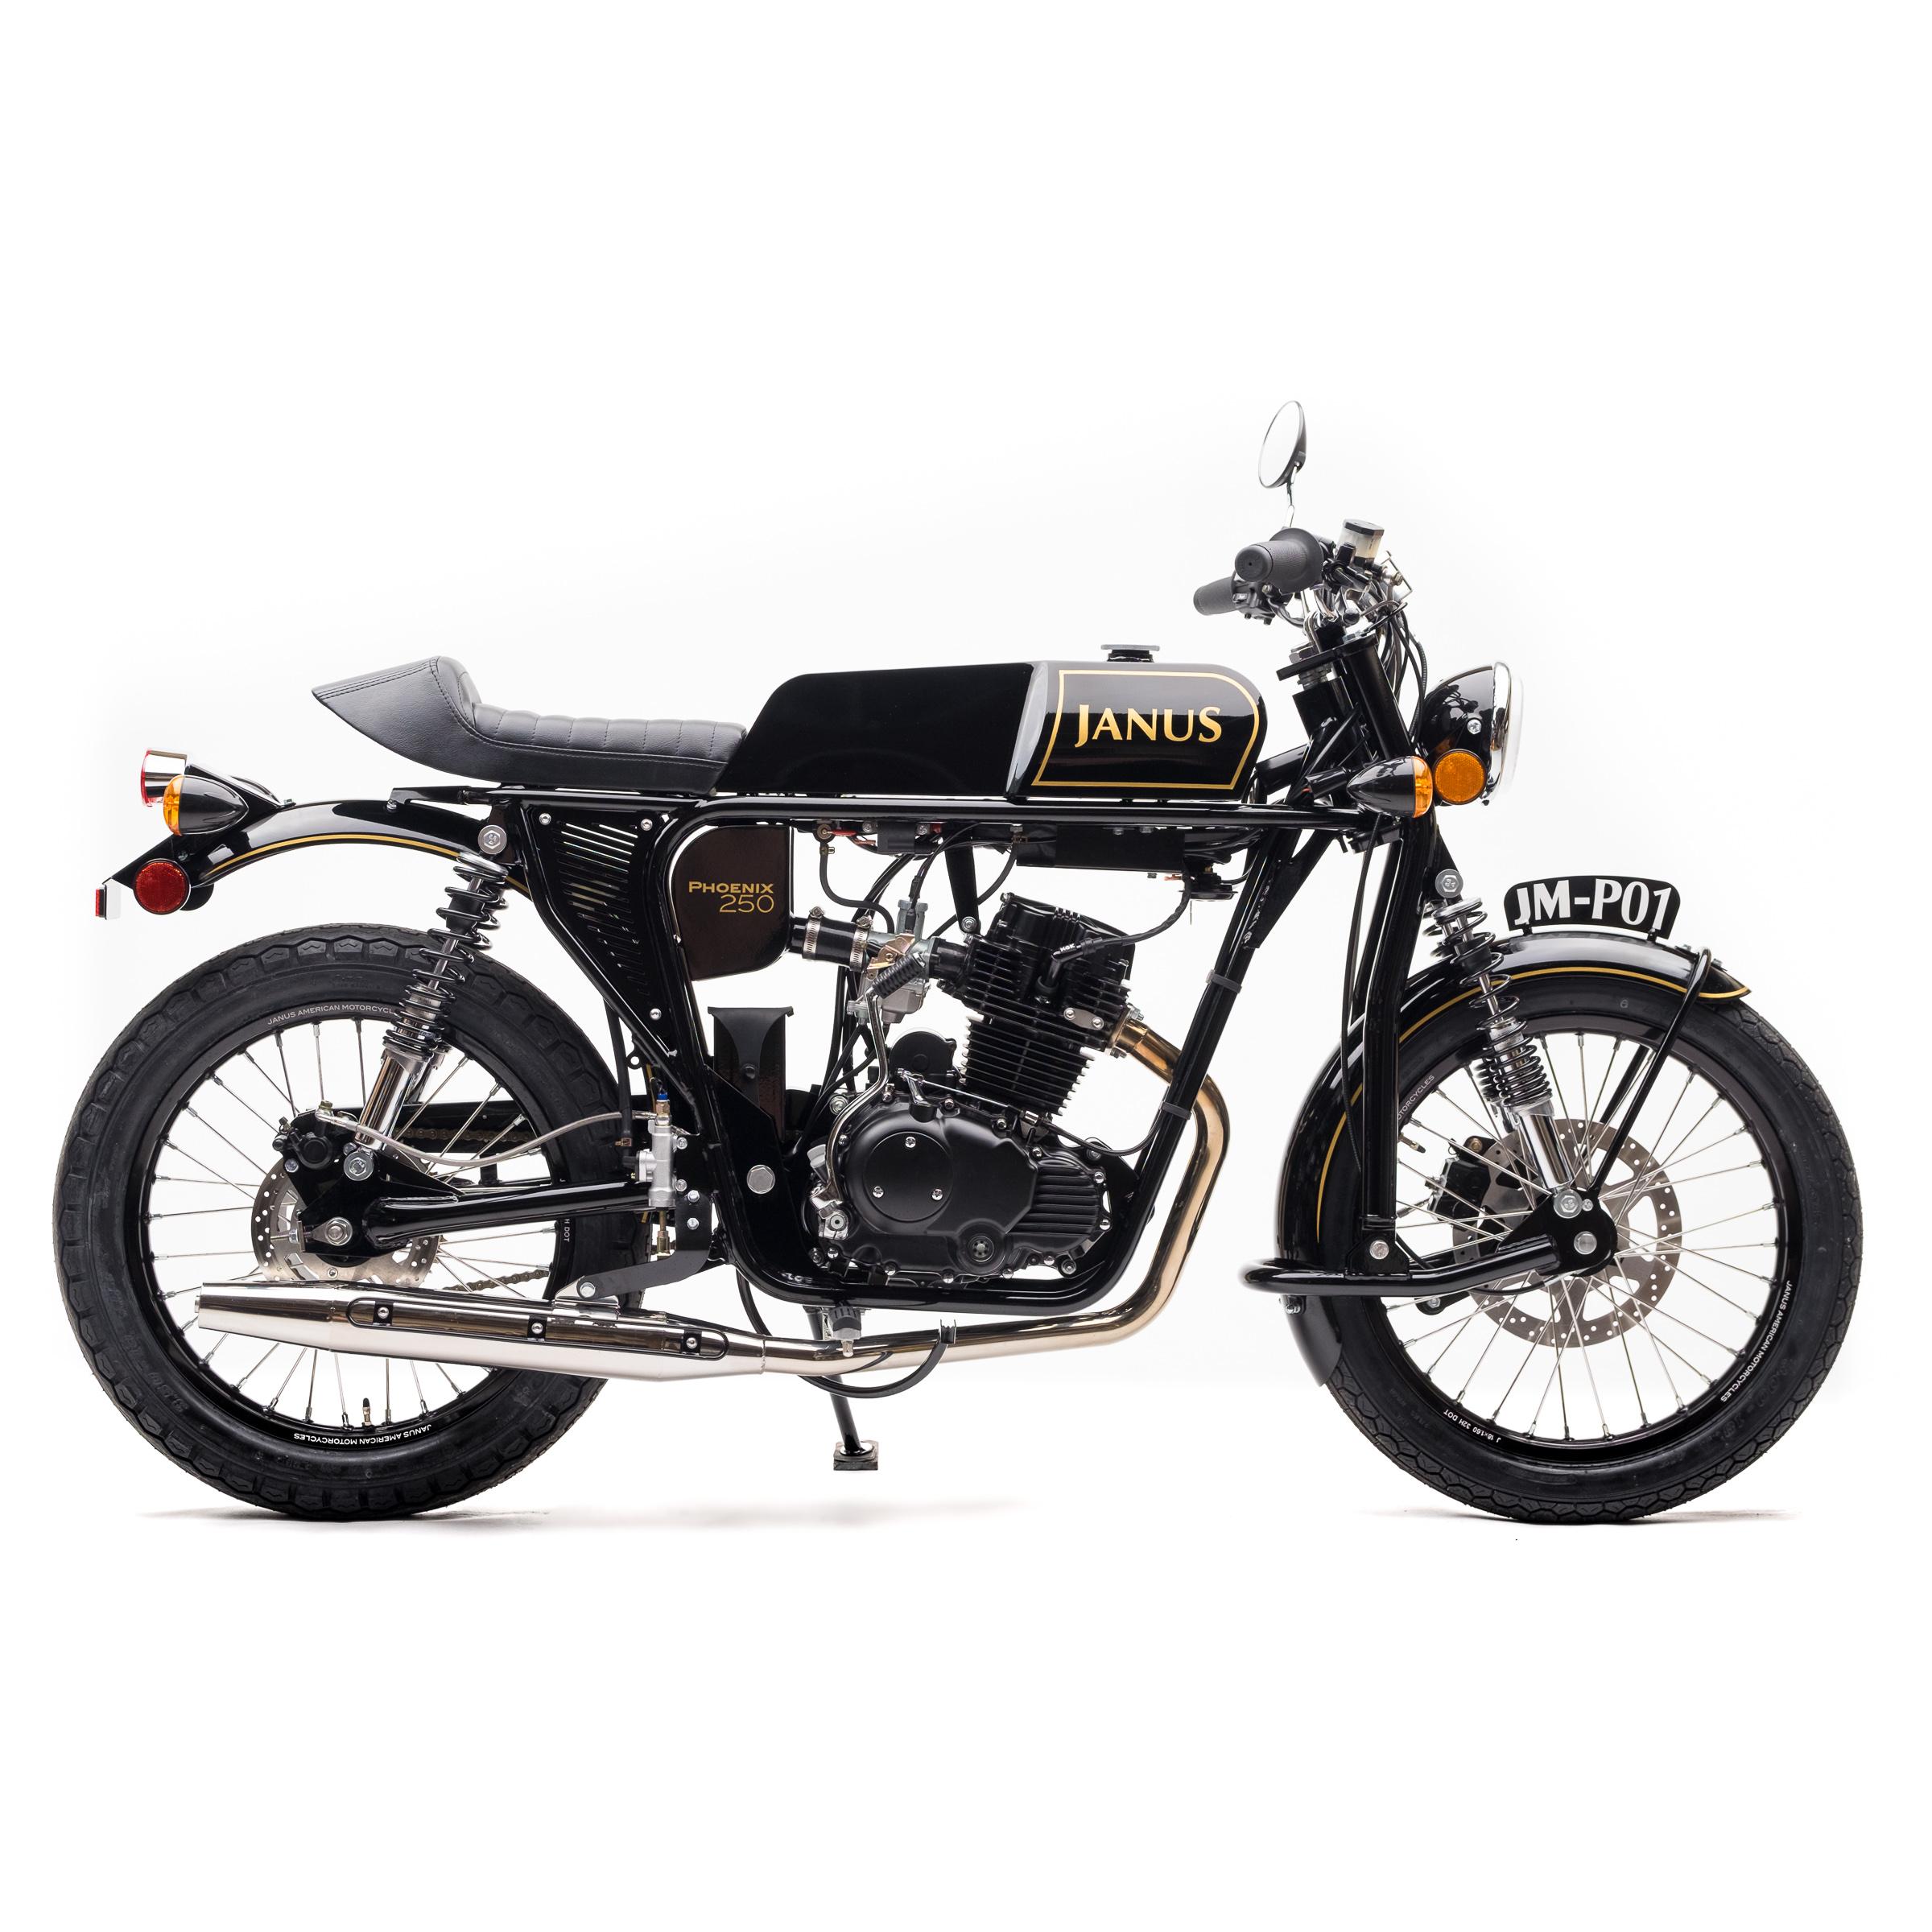 Vintage Motorcycles For Sale Rmd Motors Exotic Japanese